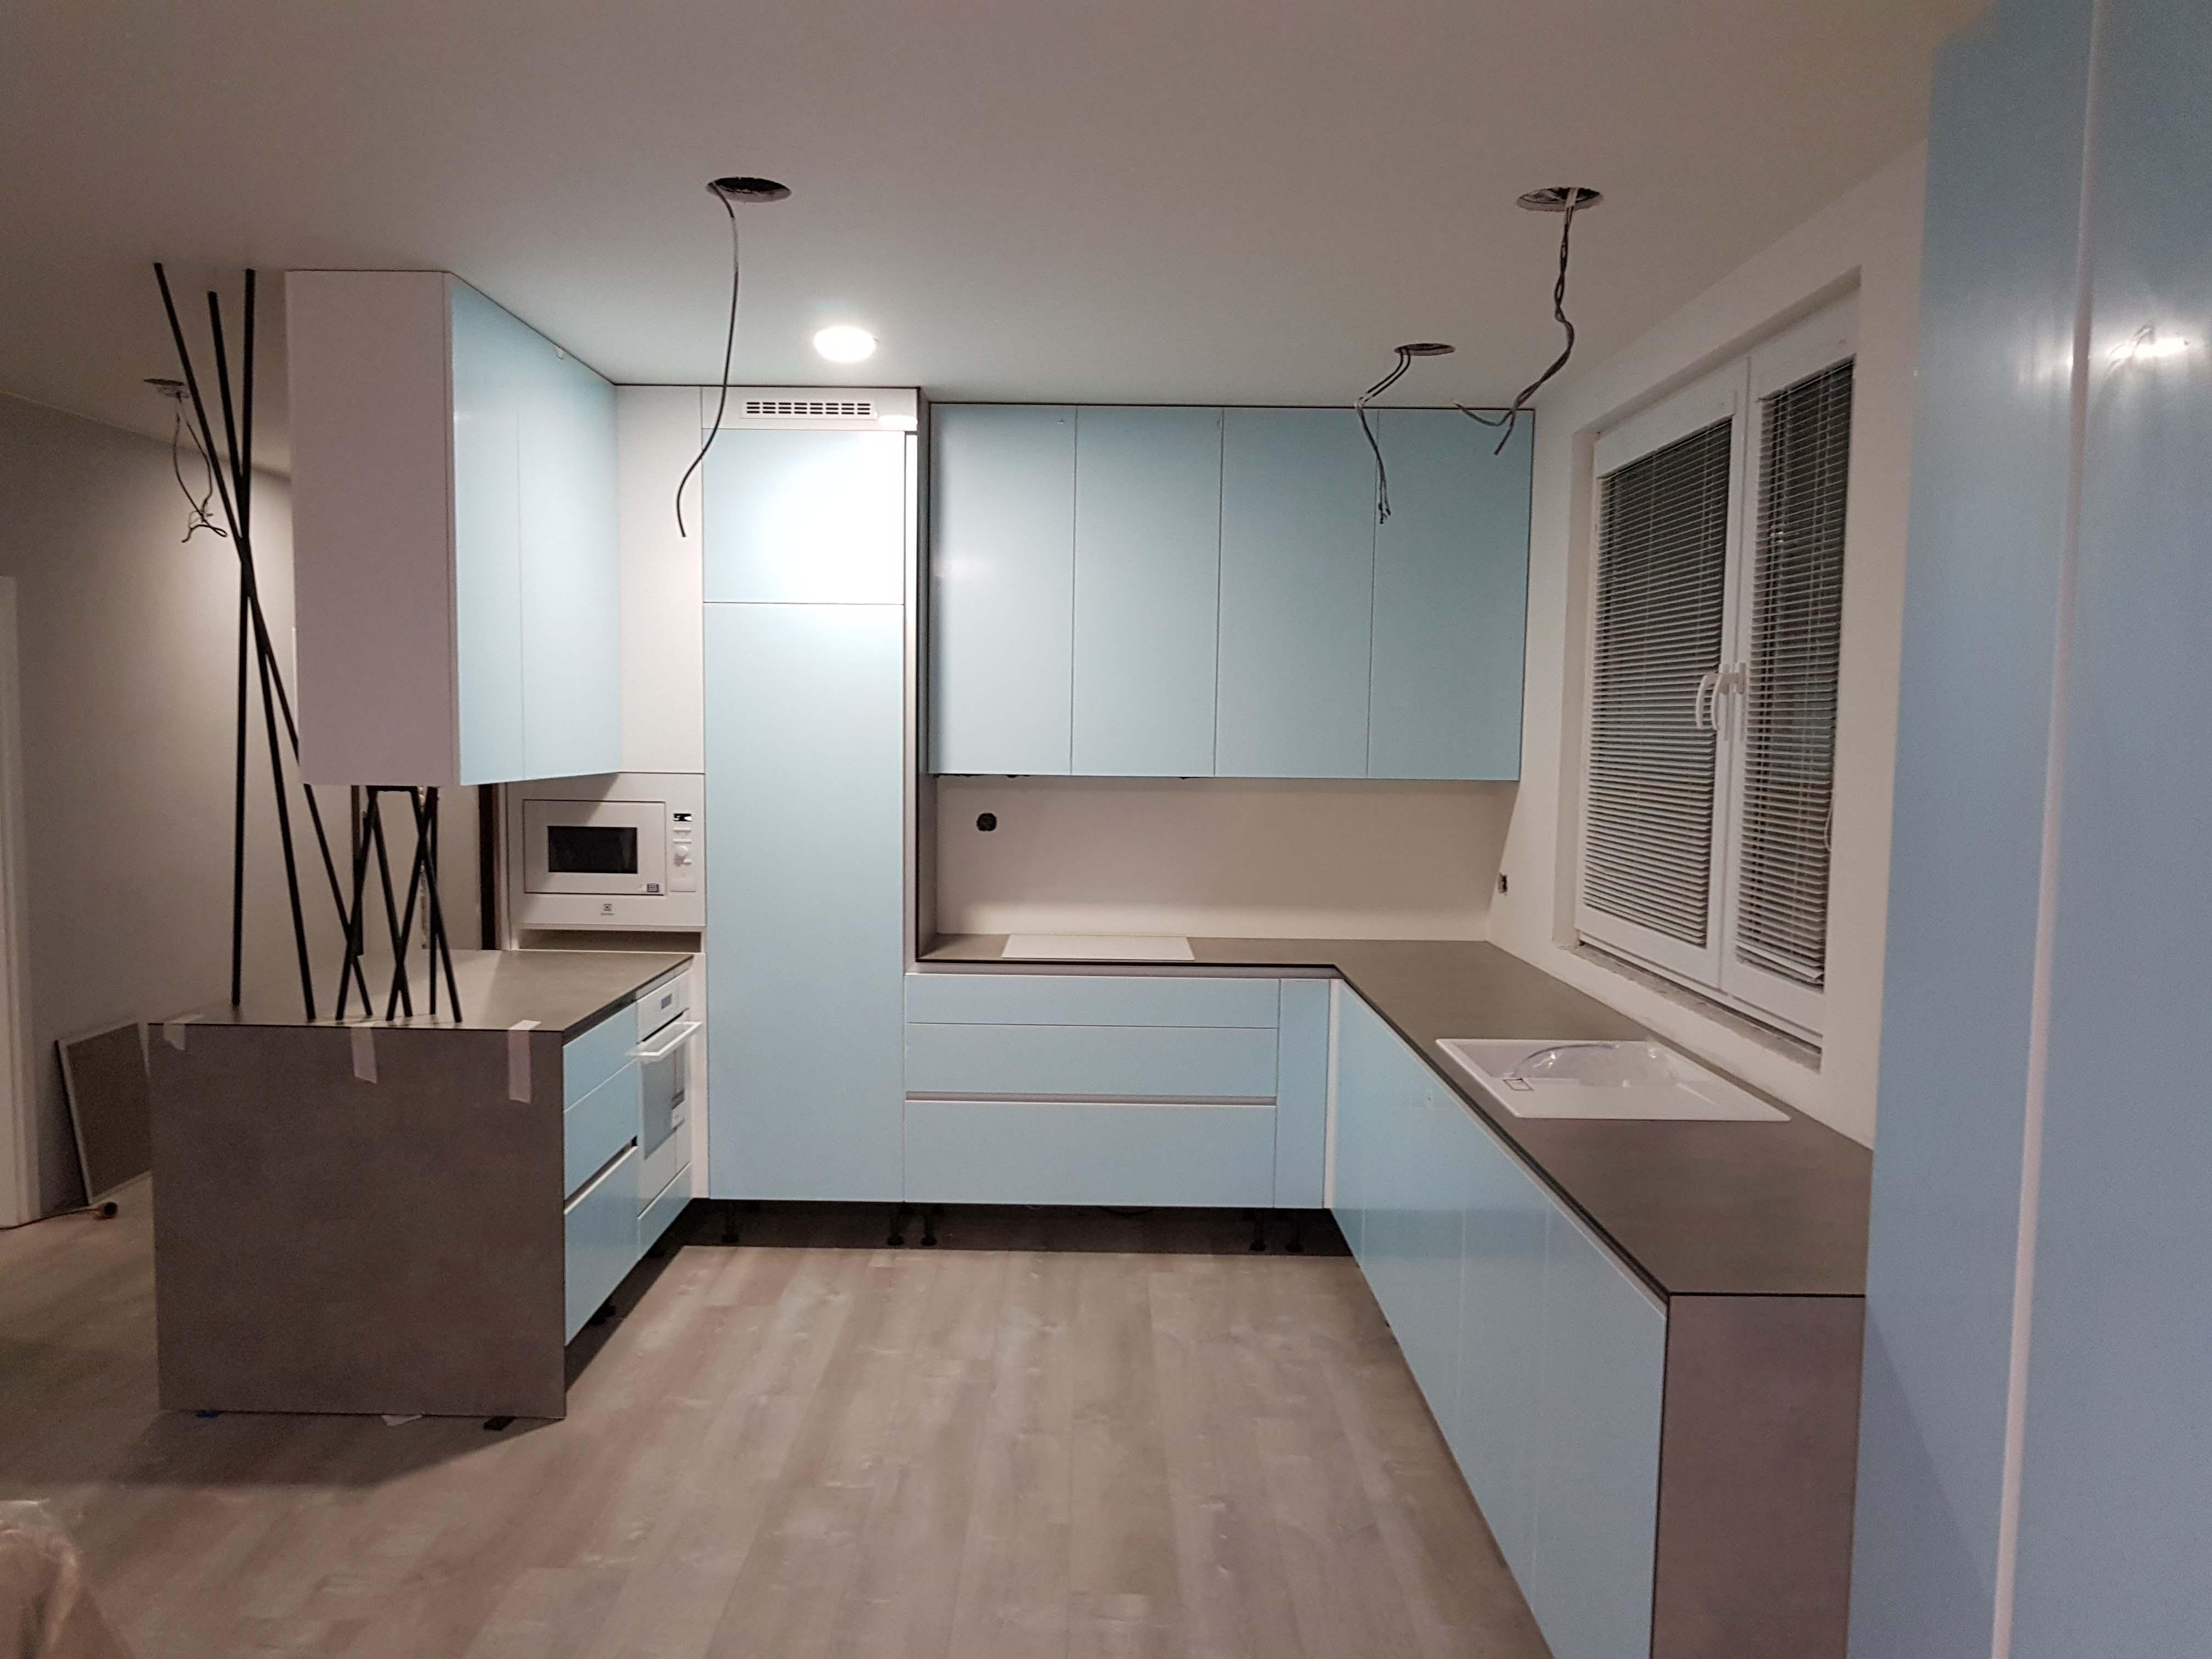 moderné biele kuchyne Trenčín